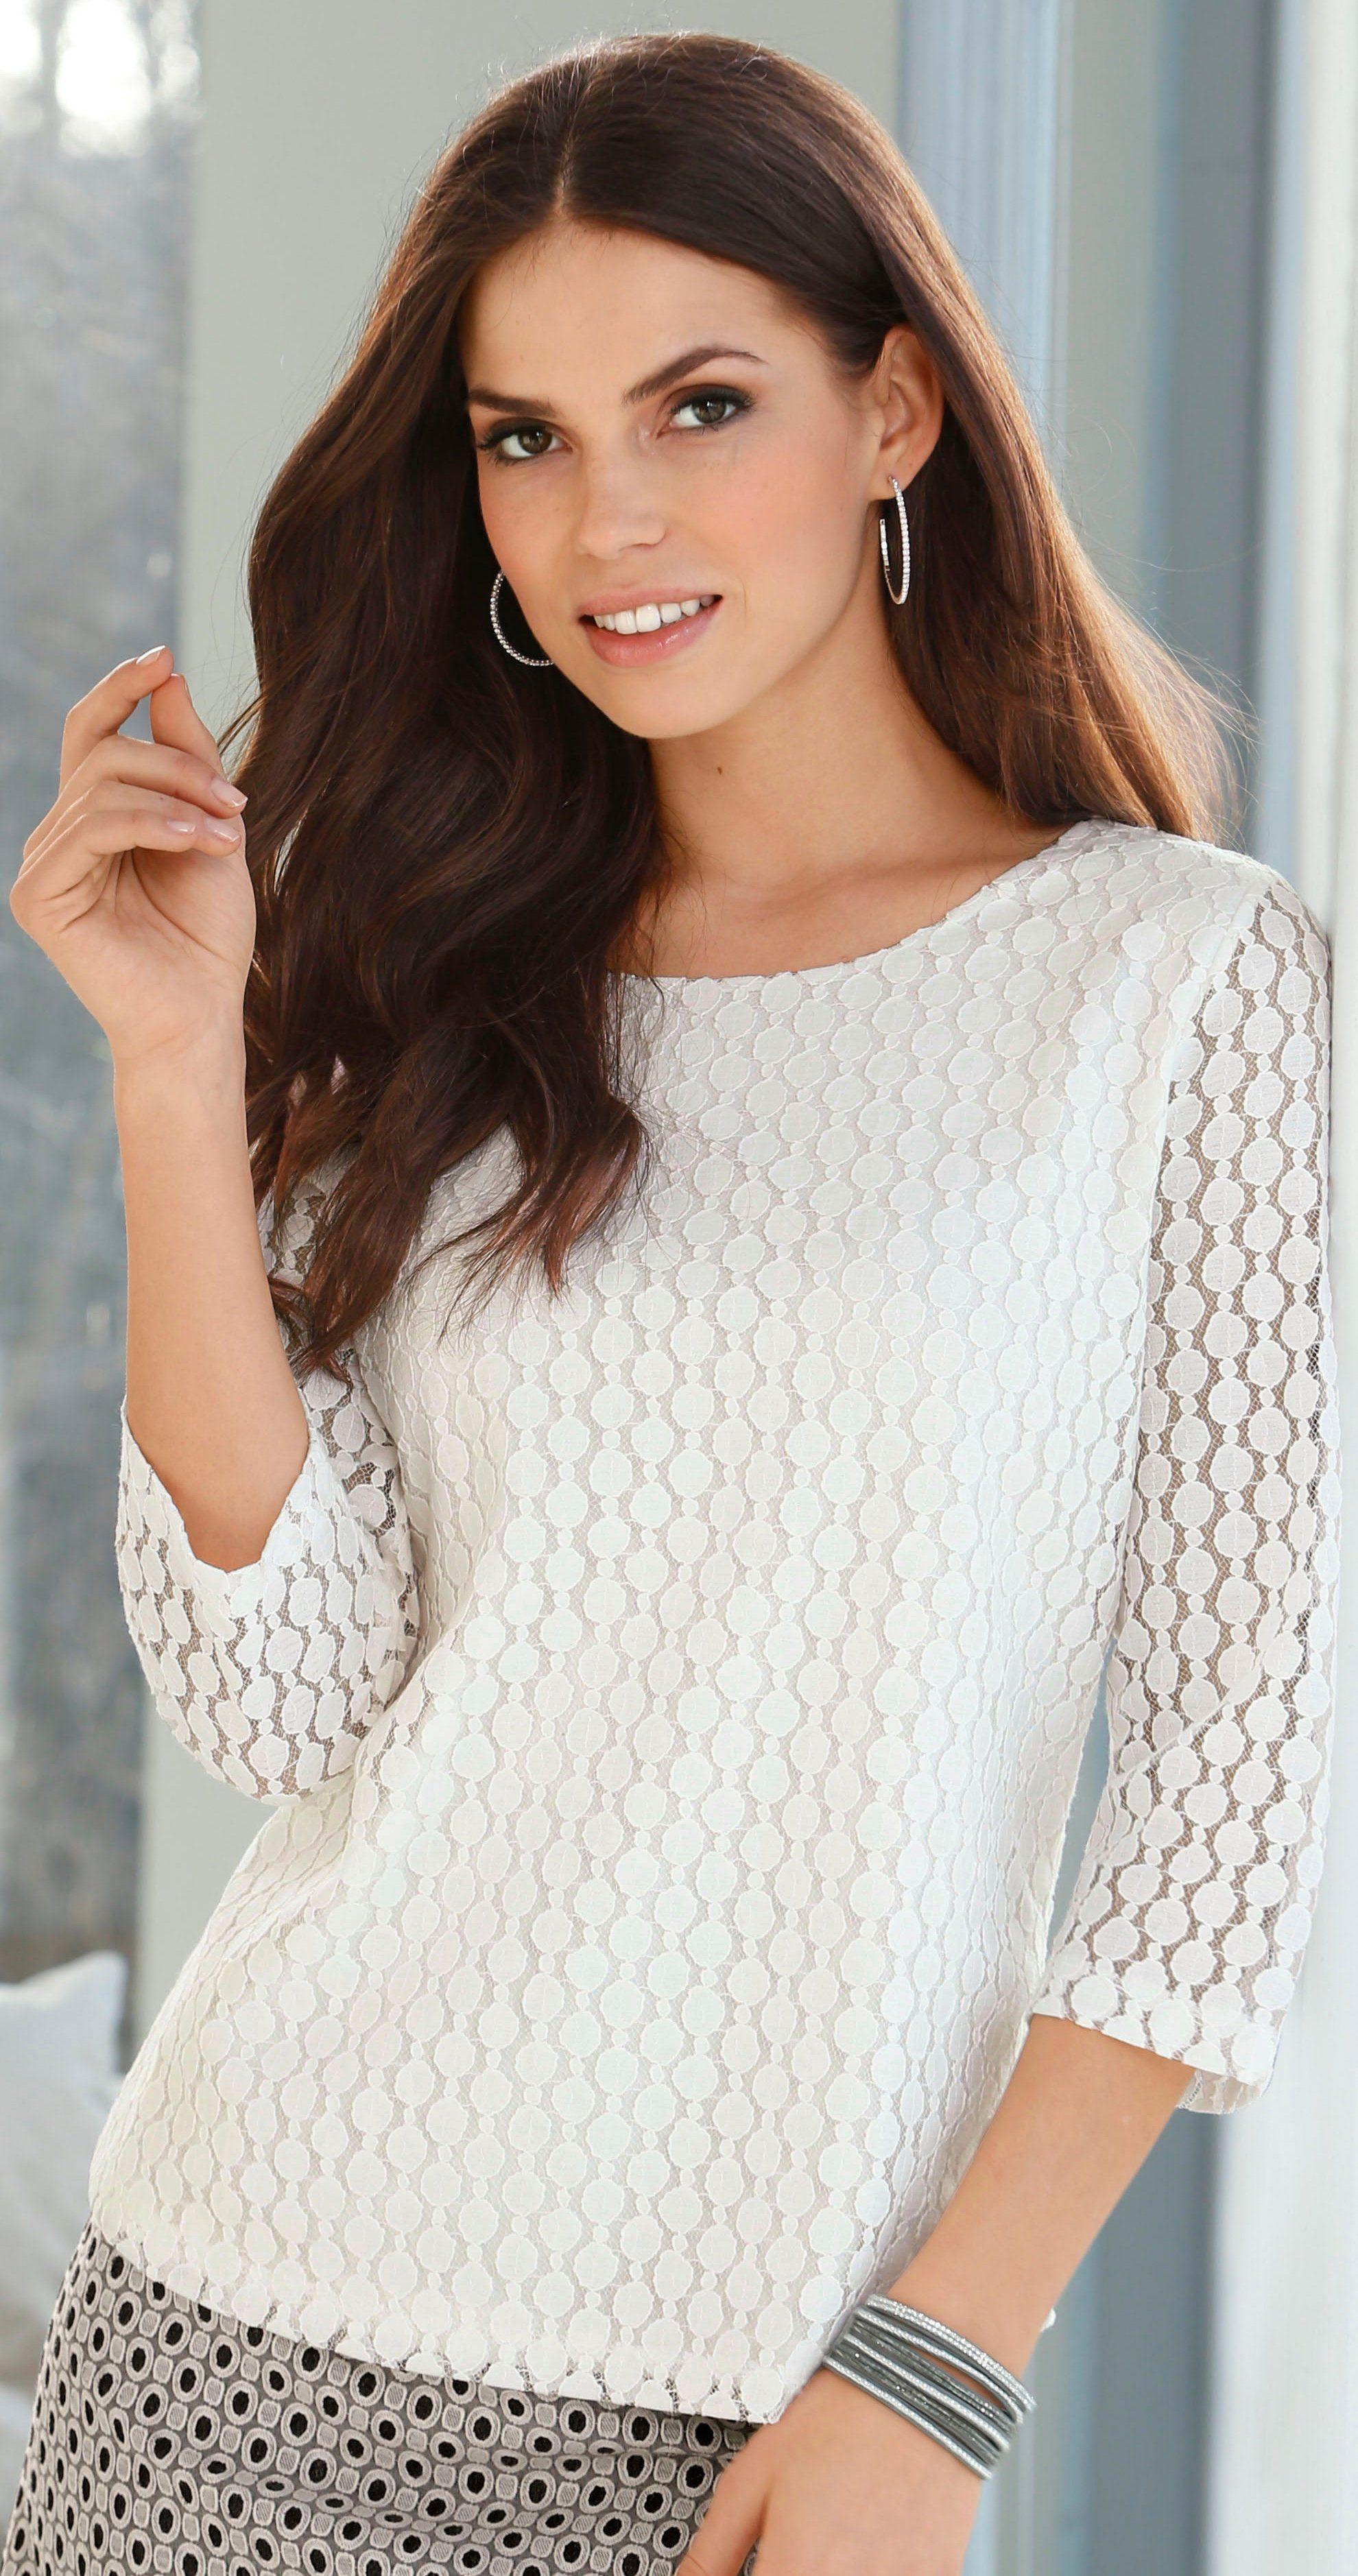 Lady Spitzen-Shirt im fröhlichen Tupfen-Stil